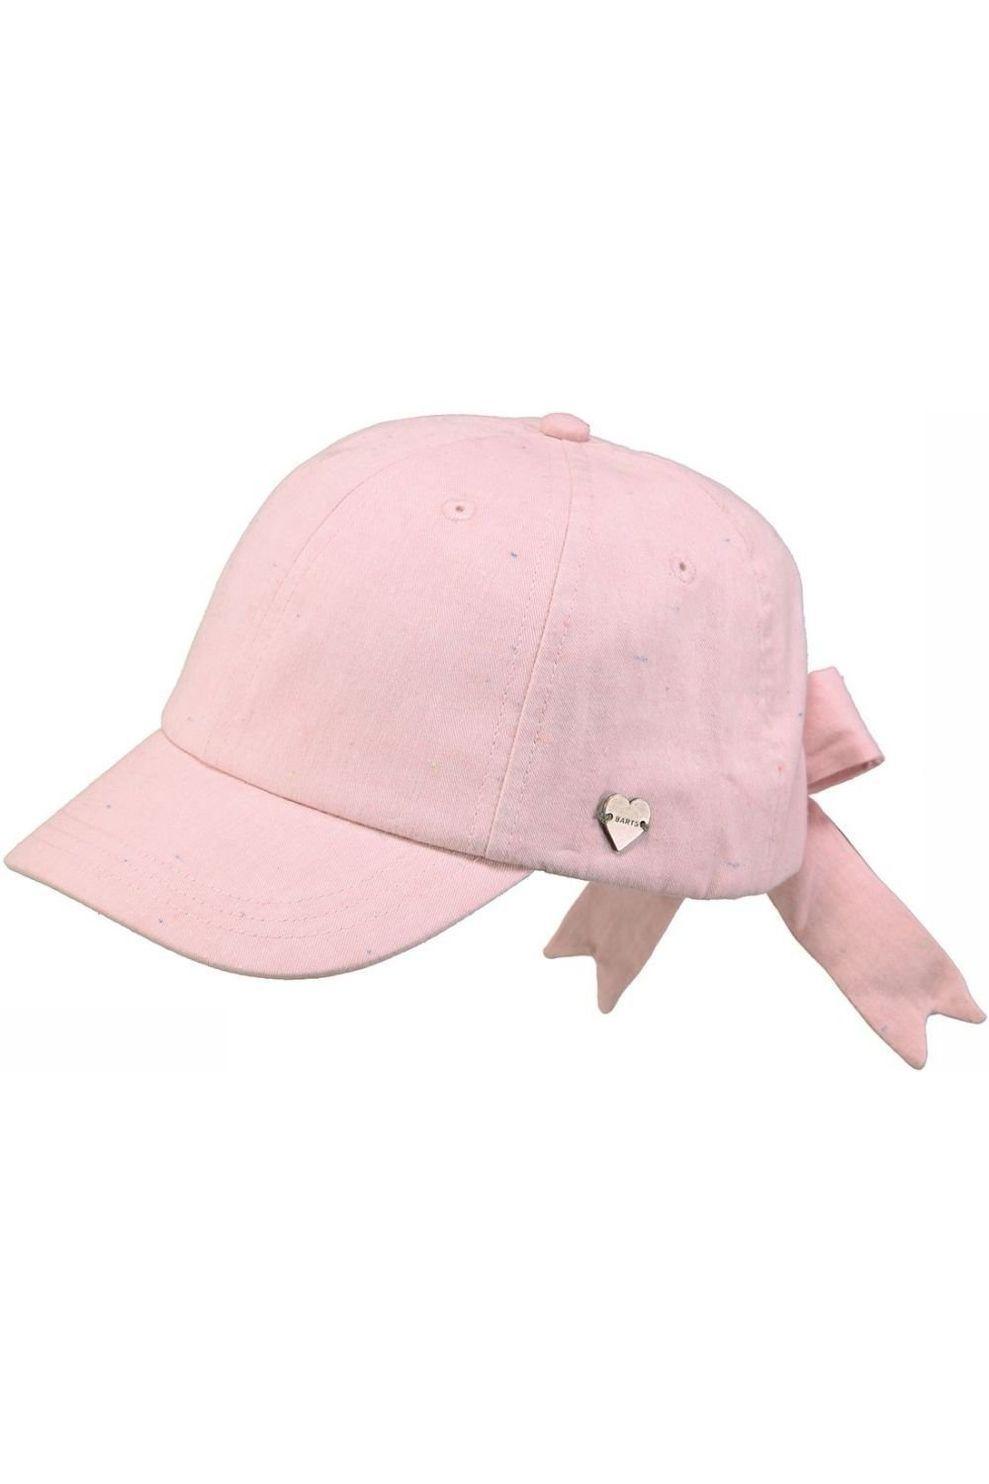 Barts Hoed Flamingo voor meisjes - Roze - Maat: 53/55